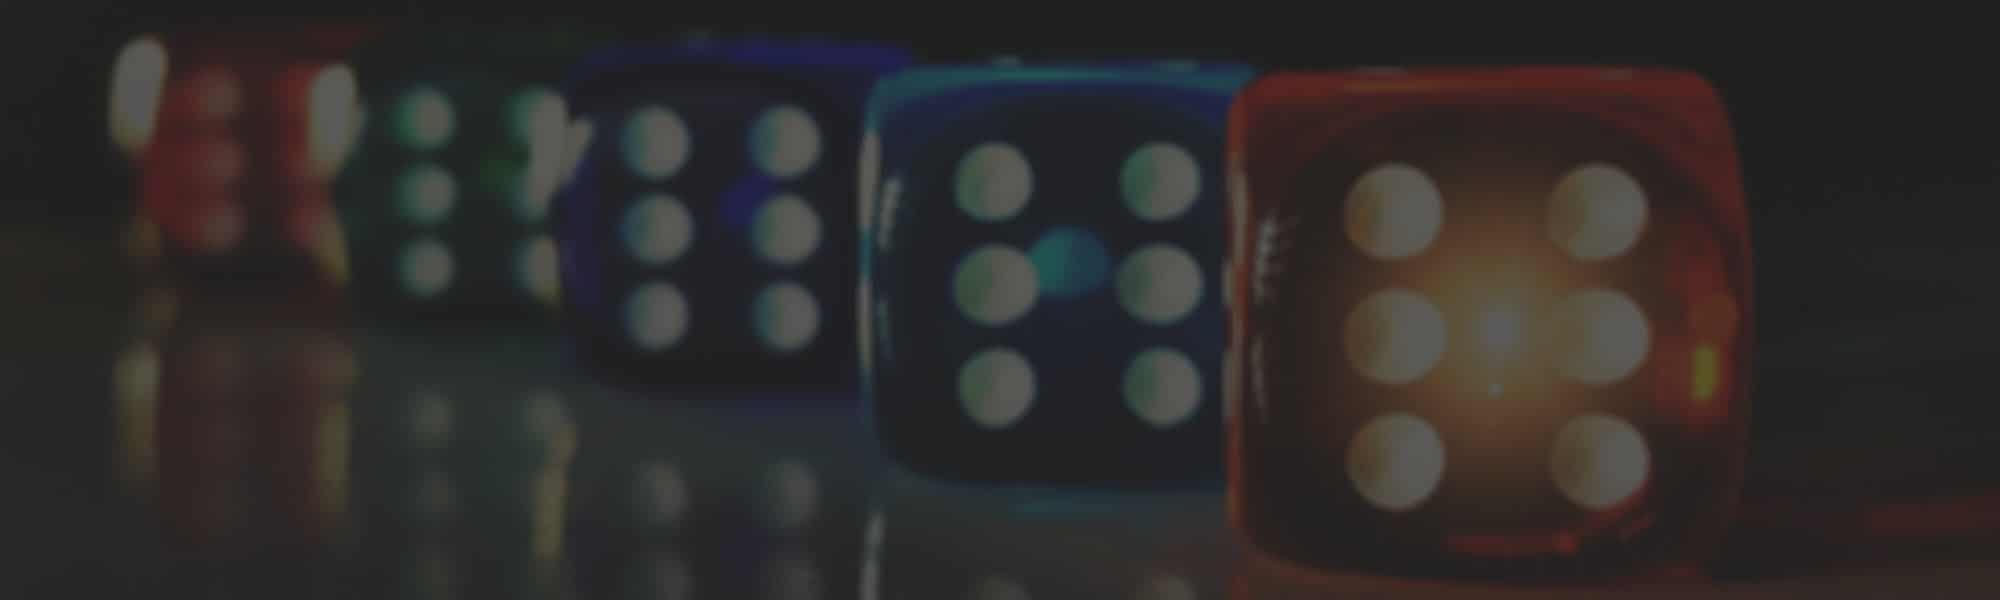 Cubes 2000×600